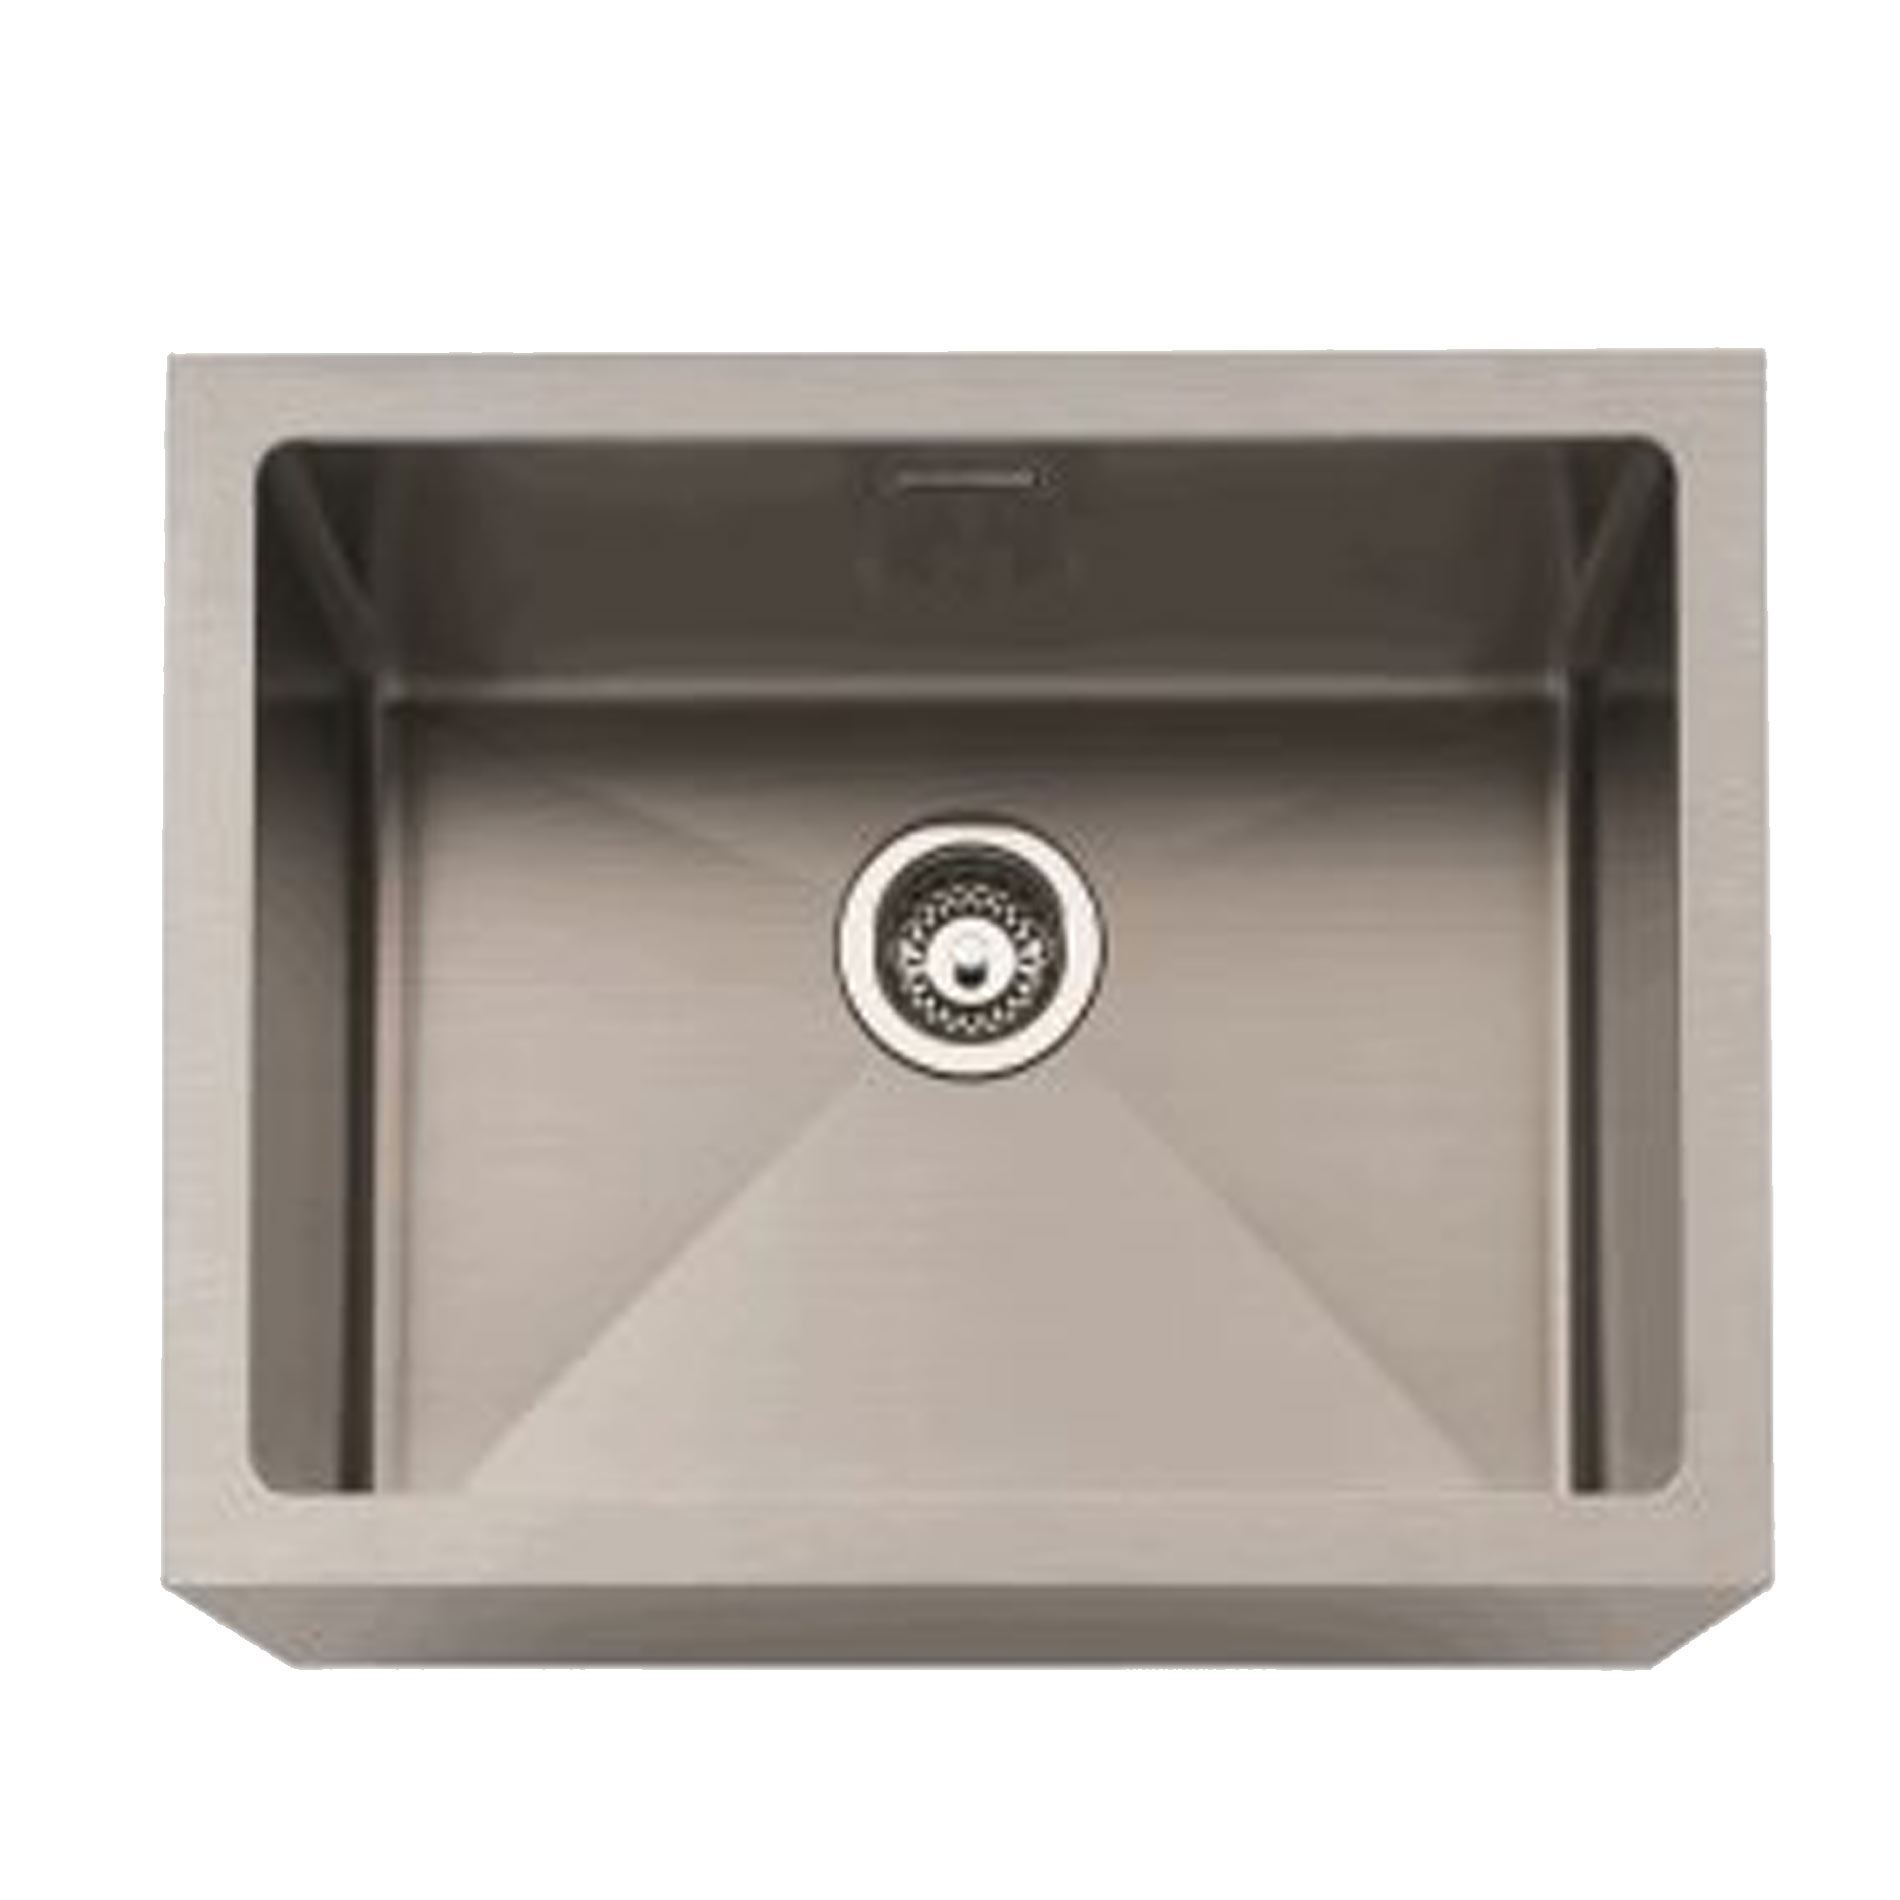 Kitchen Sink Waste Disposal Uk